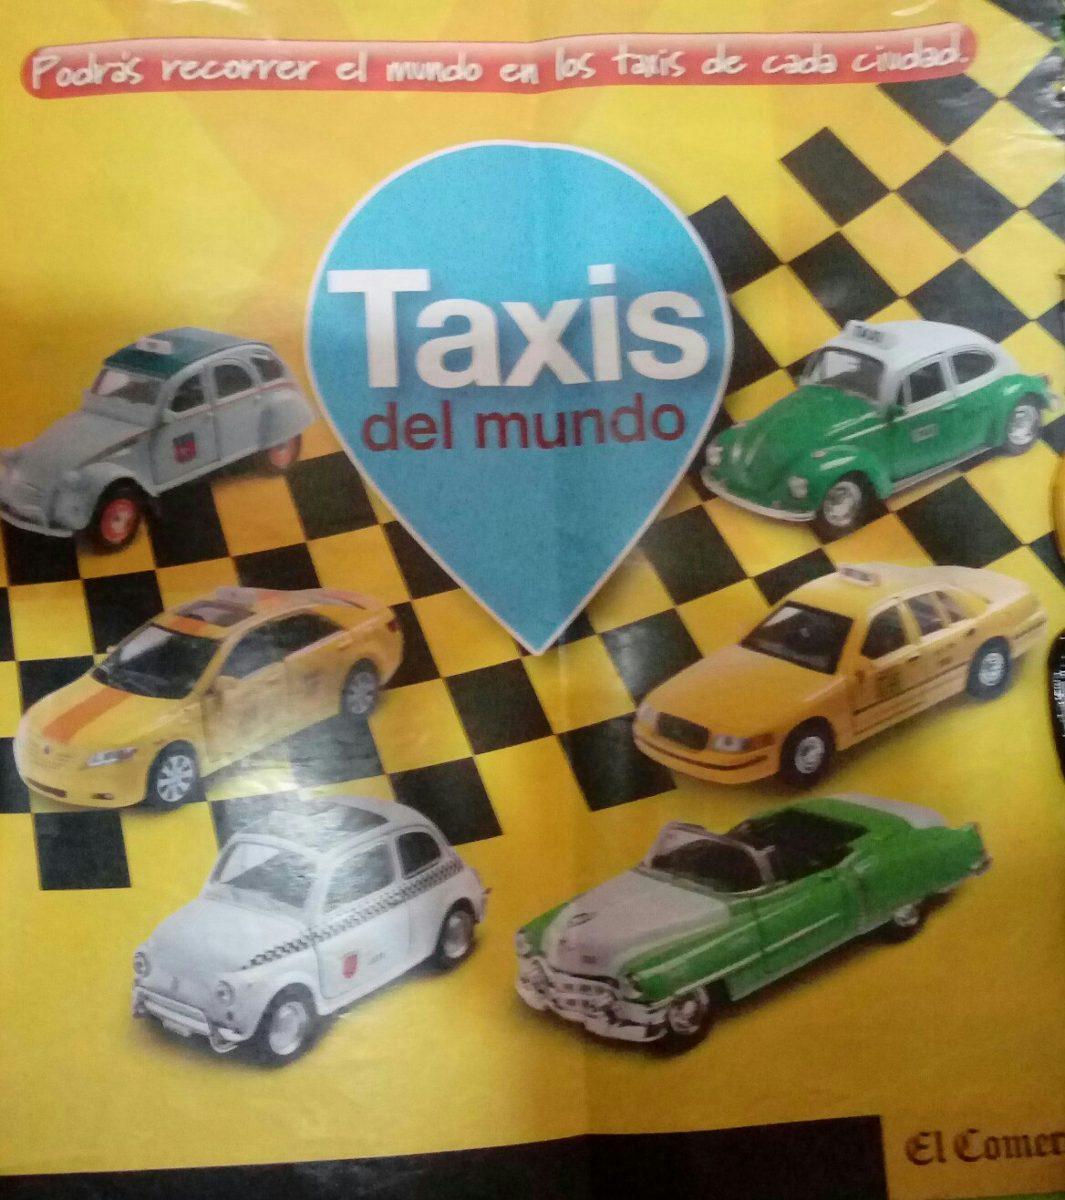 Coleccion taxis del mundo el comercio s 45 00 en for Coleccion cuchillos el mundo